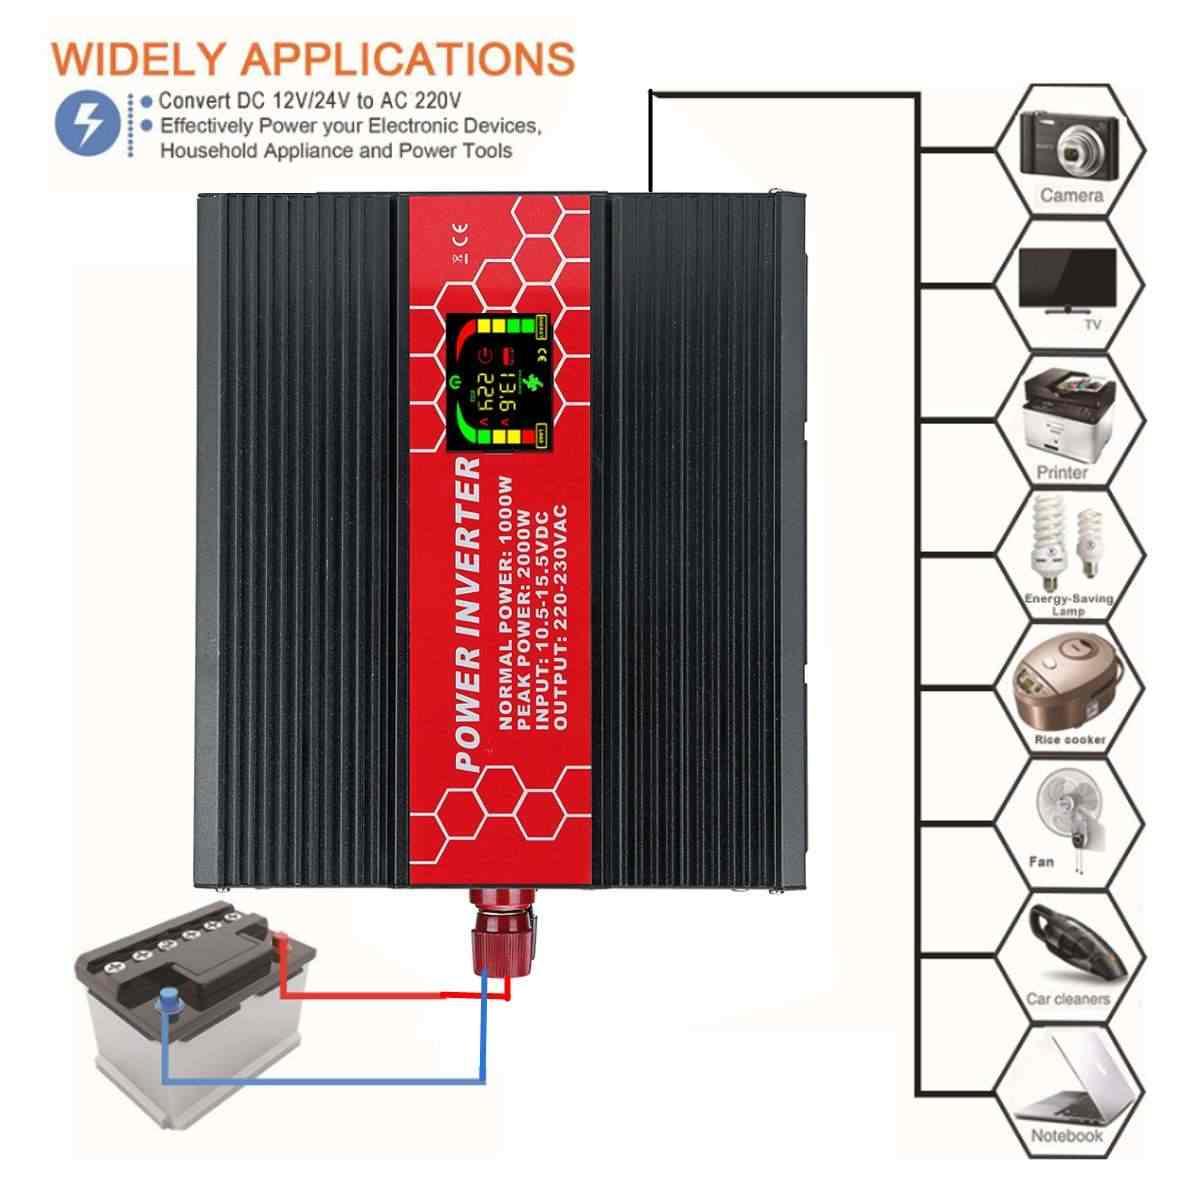 Инвертор 12/24 V до 220 V интеллектуальный экран 2000 W верхушкой с-модифицированный синусоидный инвентор с Мощность Напряжение трансформатор инвертор конверте